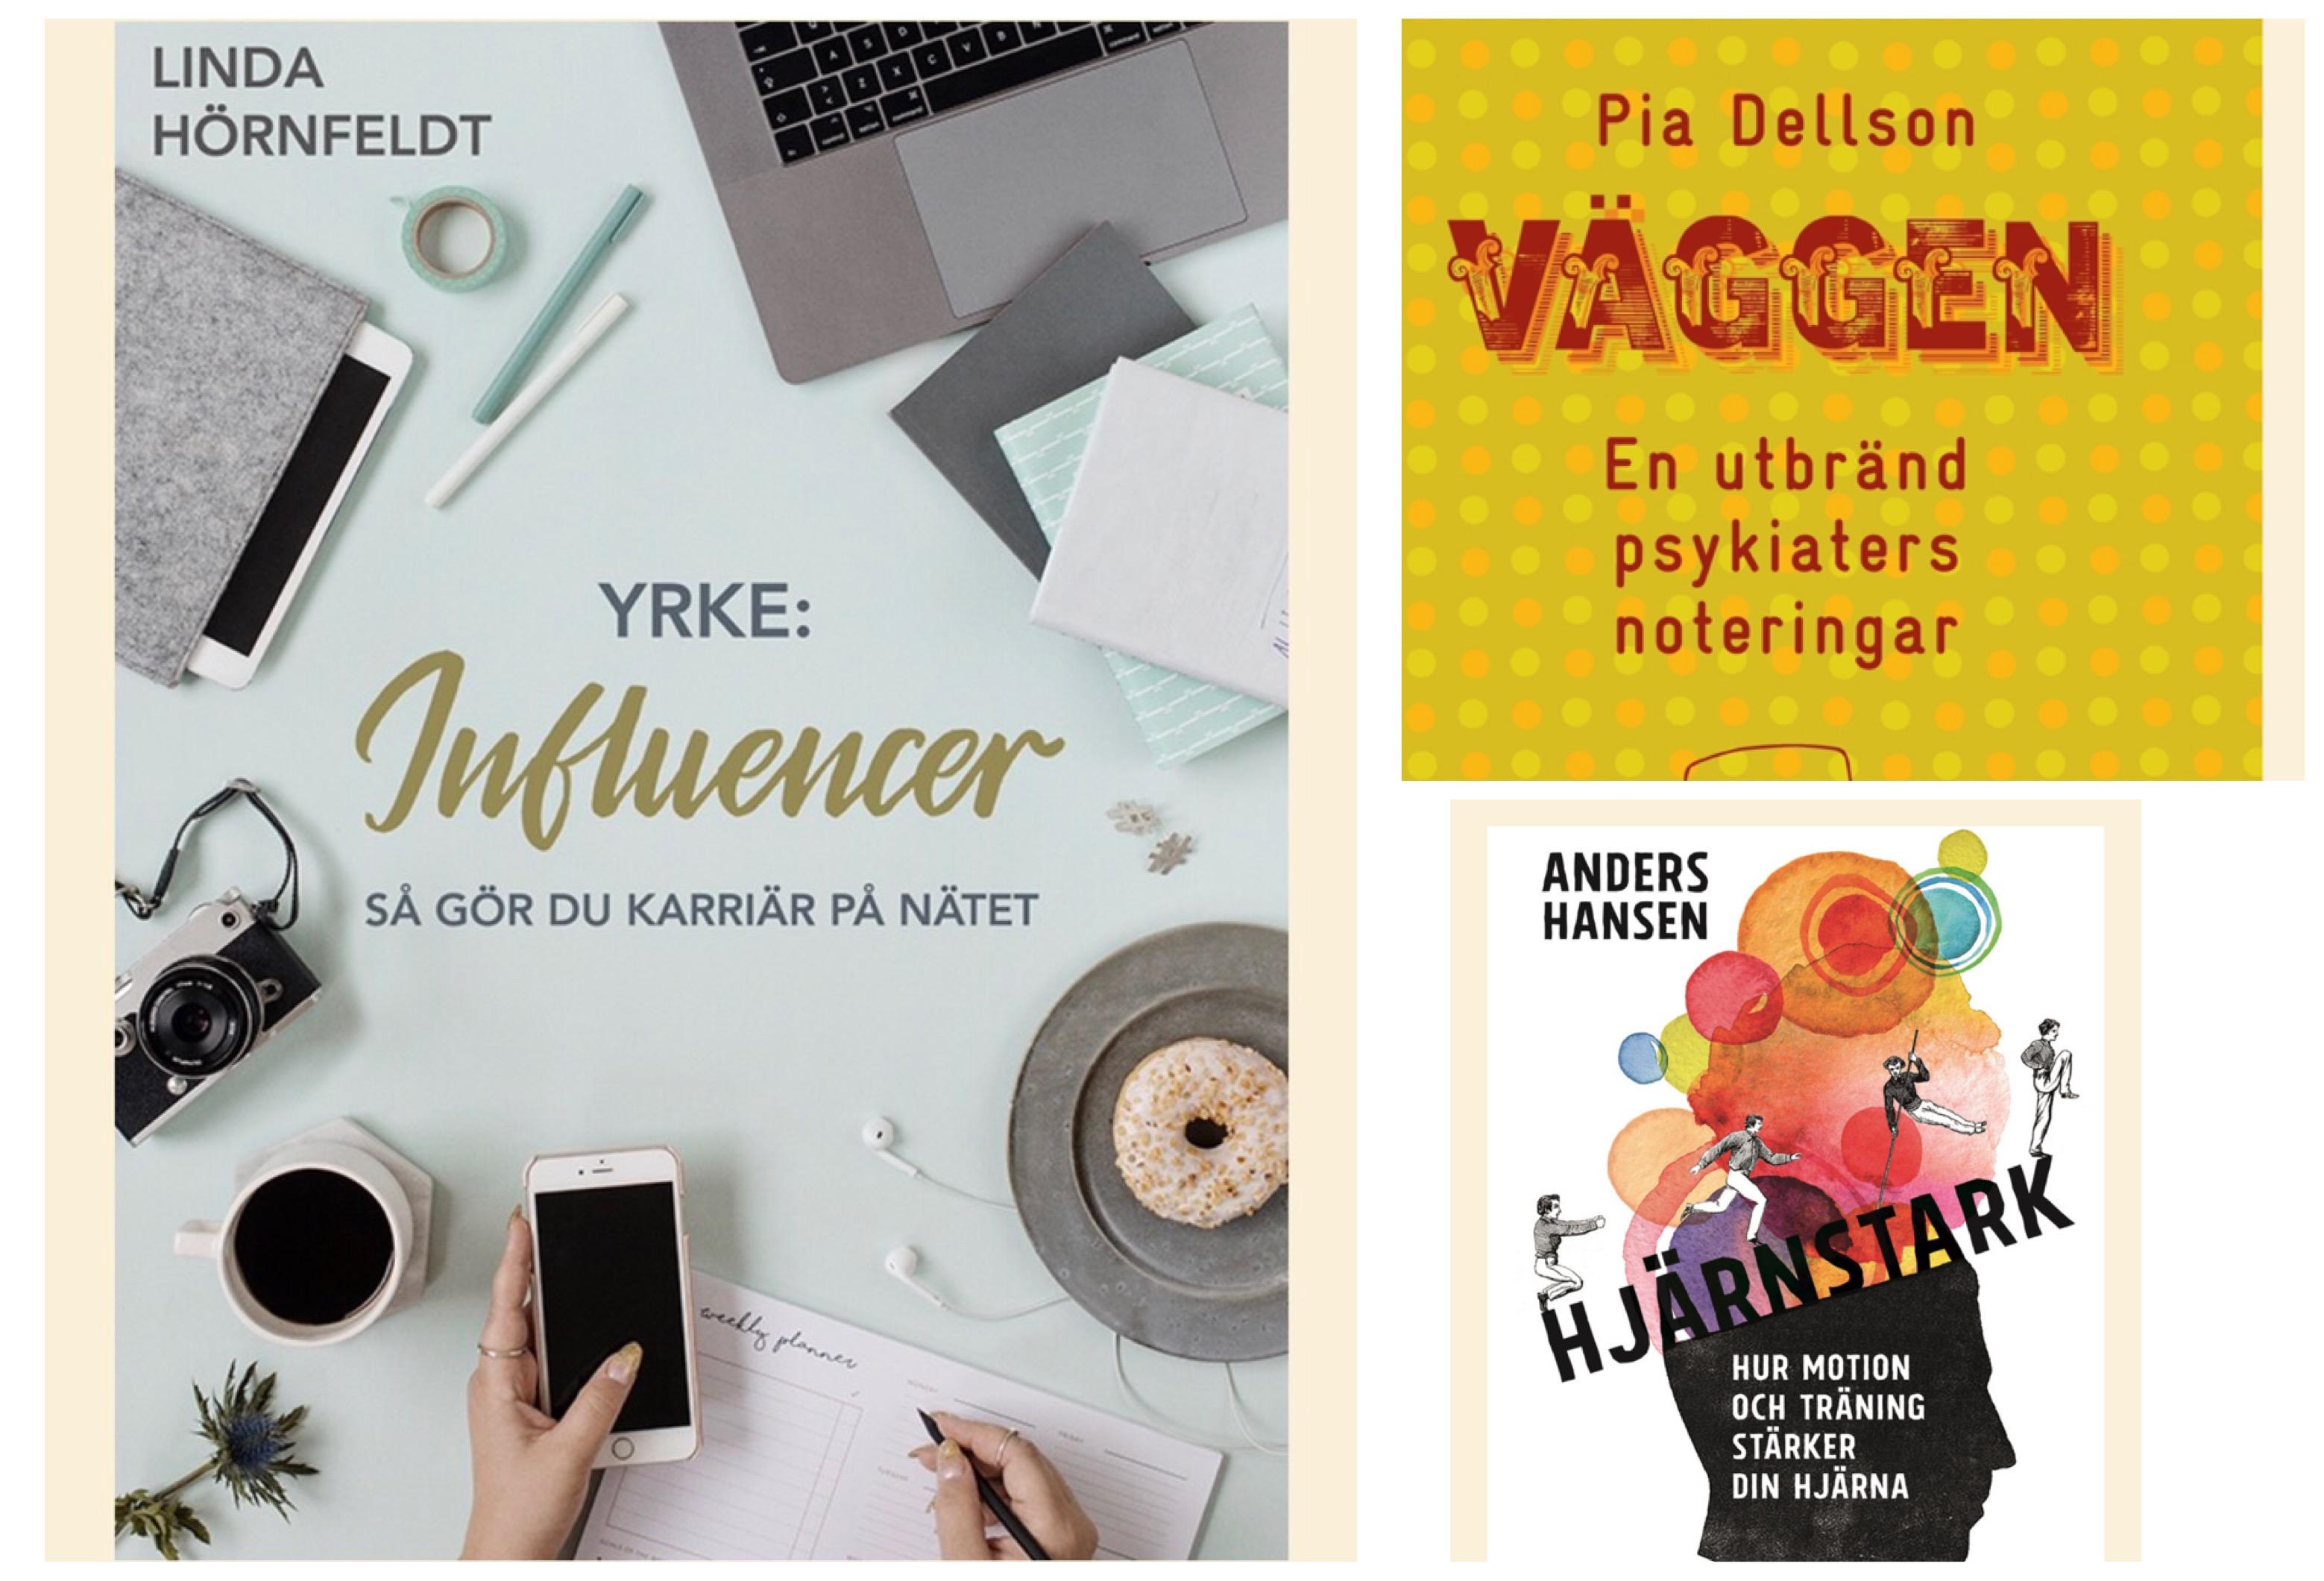 Böcker jag har läst: Yrke Influencer, Väggen En utbränd psykiaters noteringar, Hjärnstark